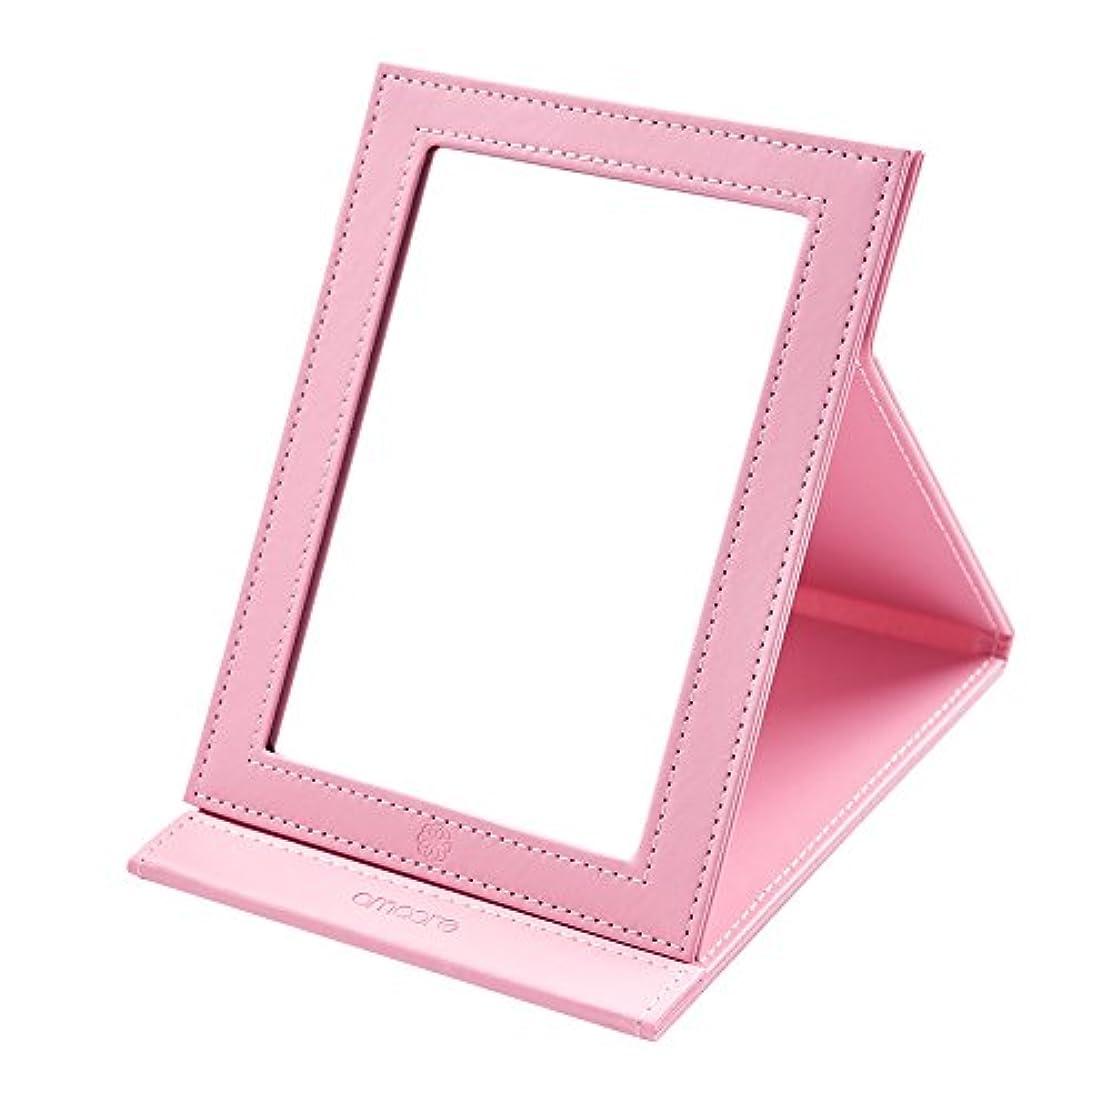 わずかに推進力印象派amoore 化粧鏡 卓上スタンドミラー 折りたたみミラー 角度調整 上質PUレザー使用 (ビッグ, ピンク)